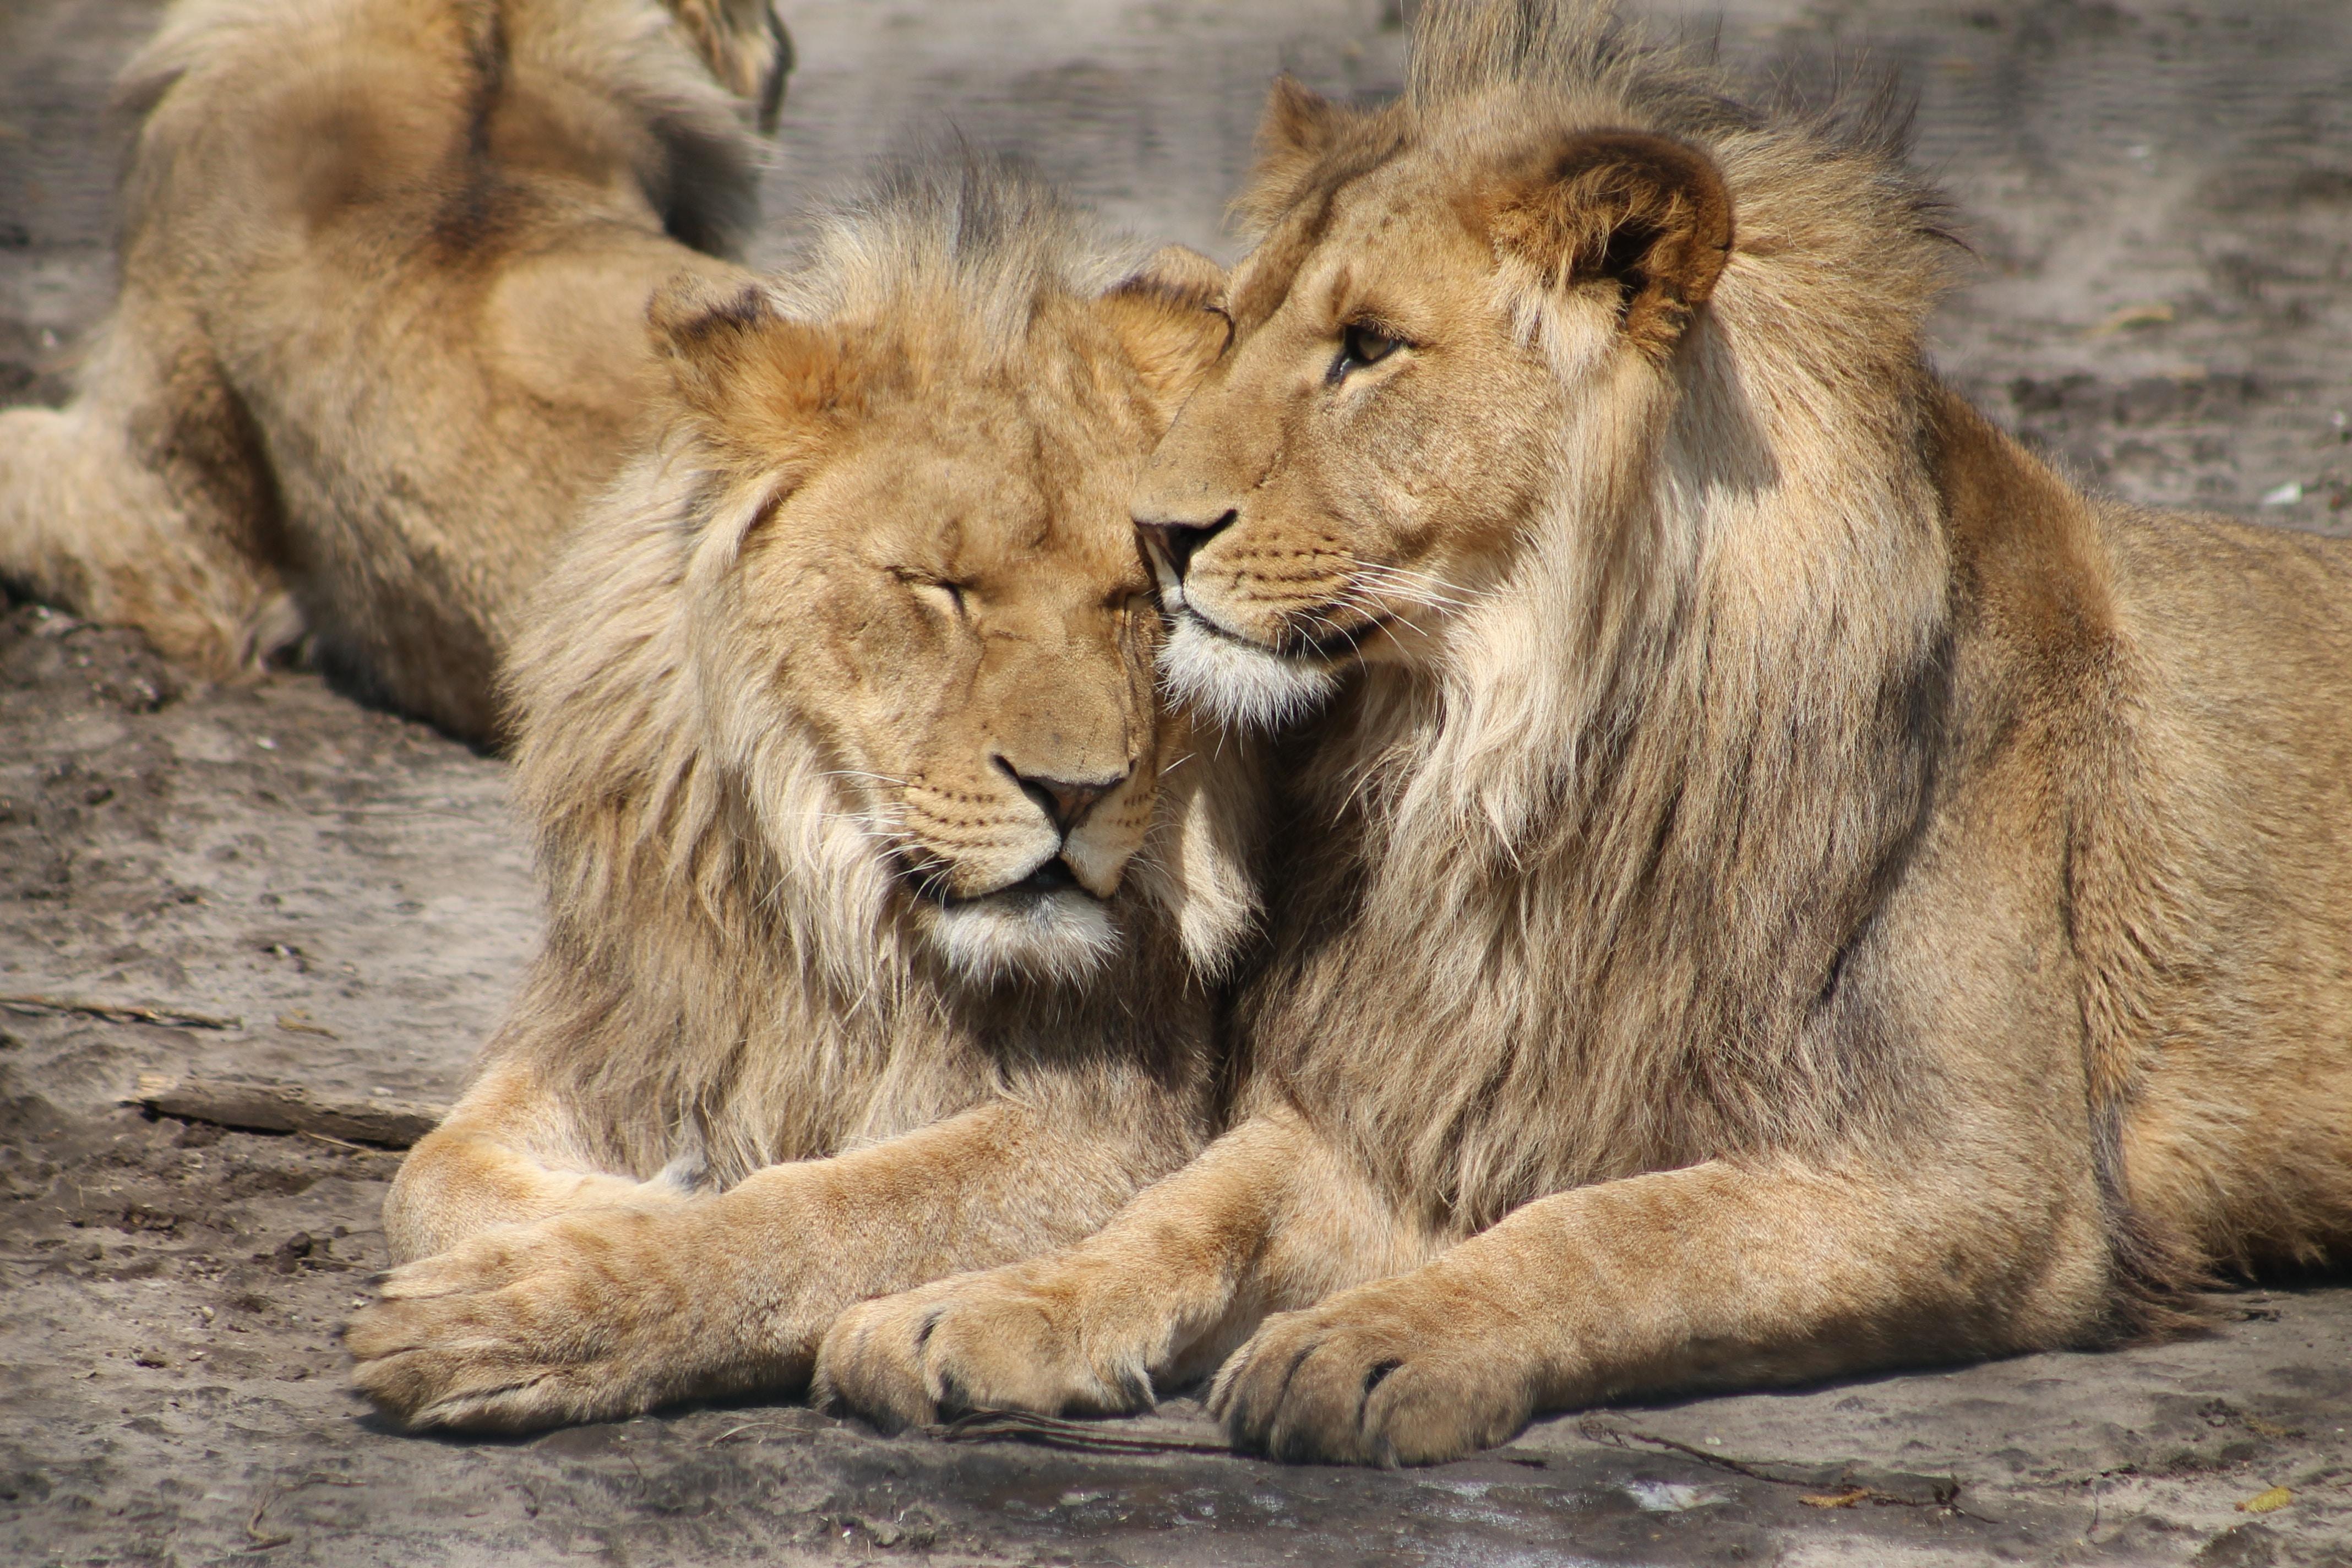 Eşcinsel Bir Gezegenden Korkmak: Aslanlar Gerçekten Eşcinsel Mi?